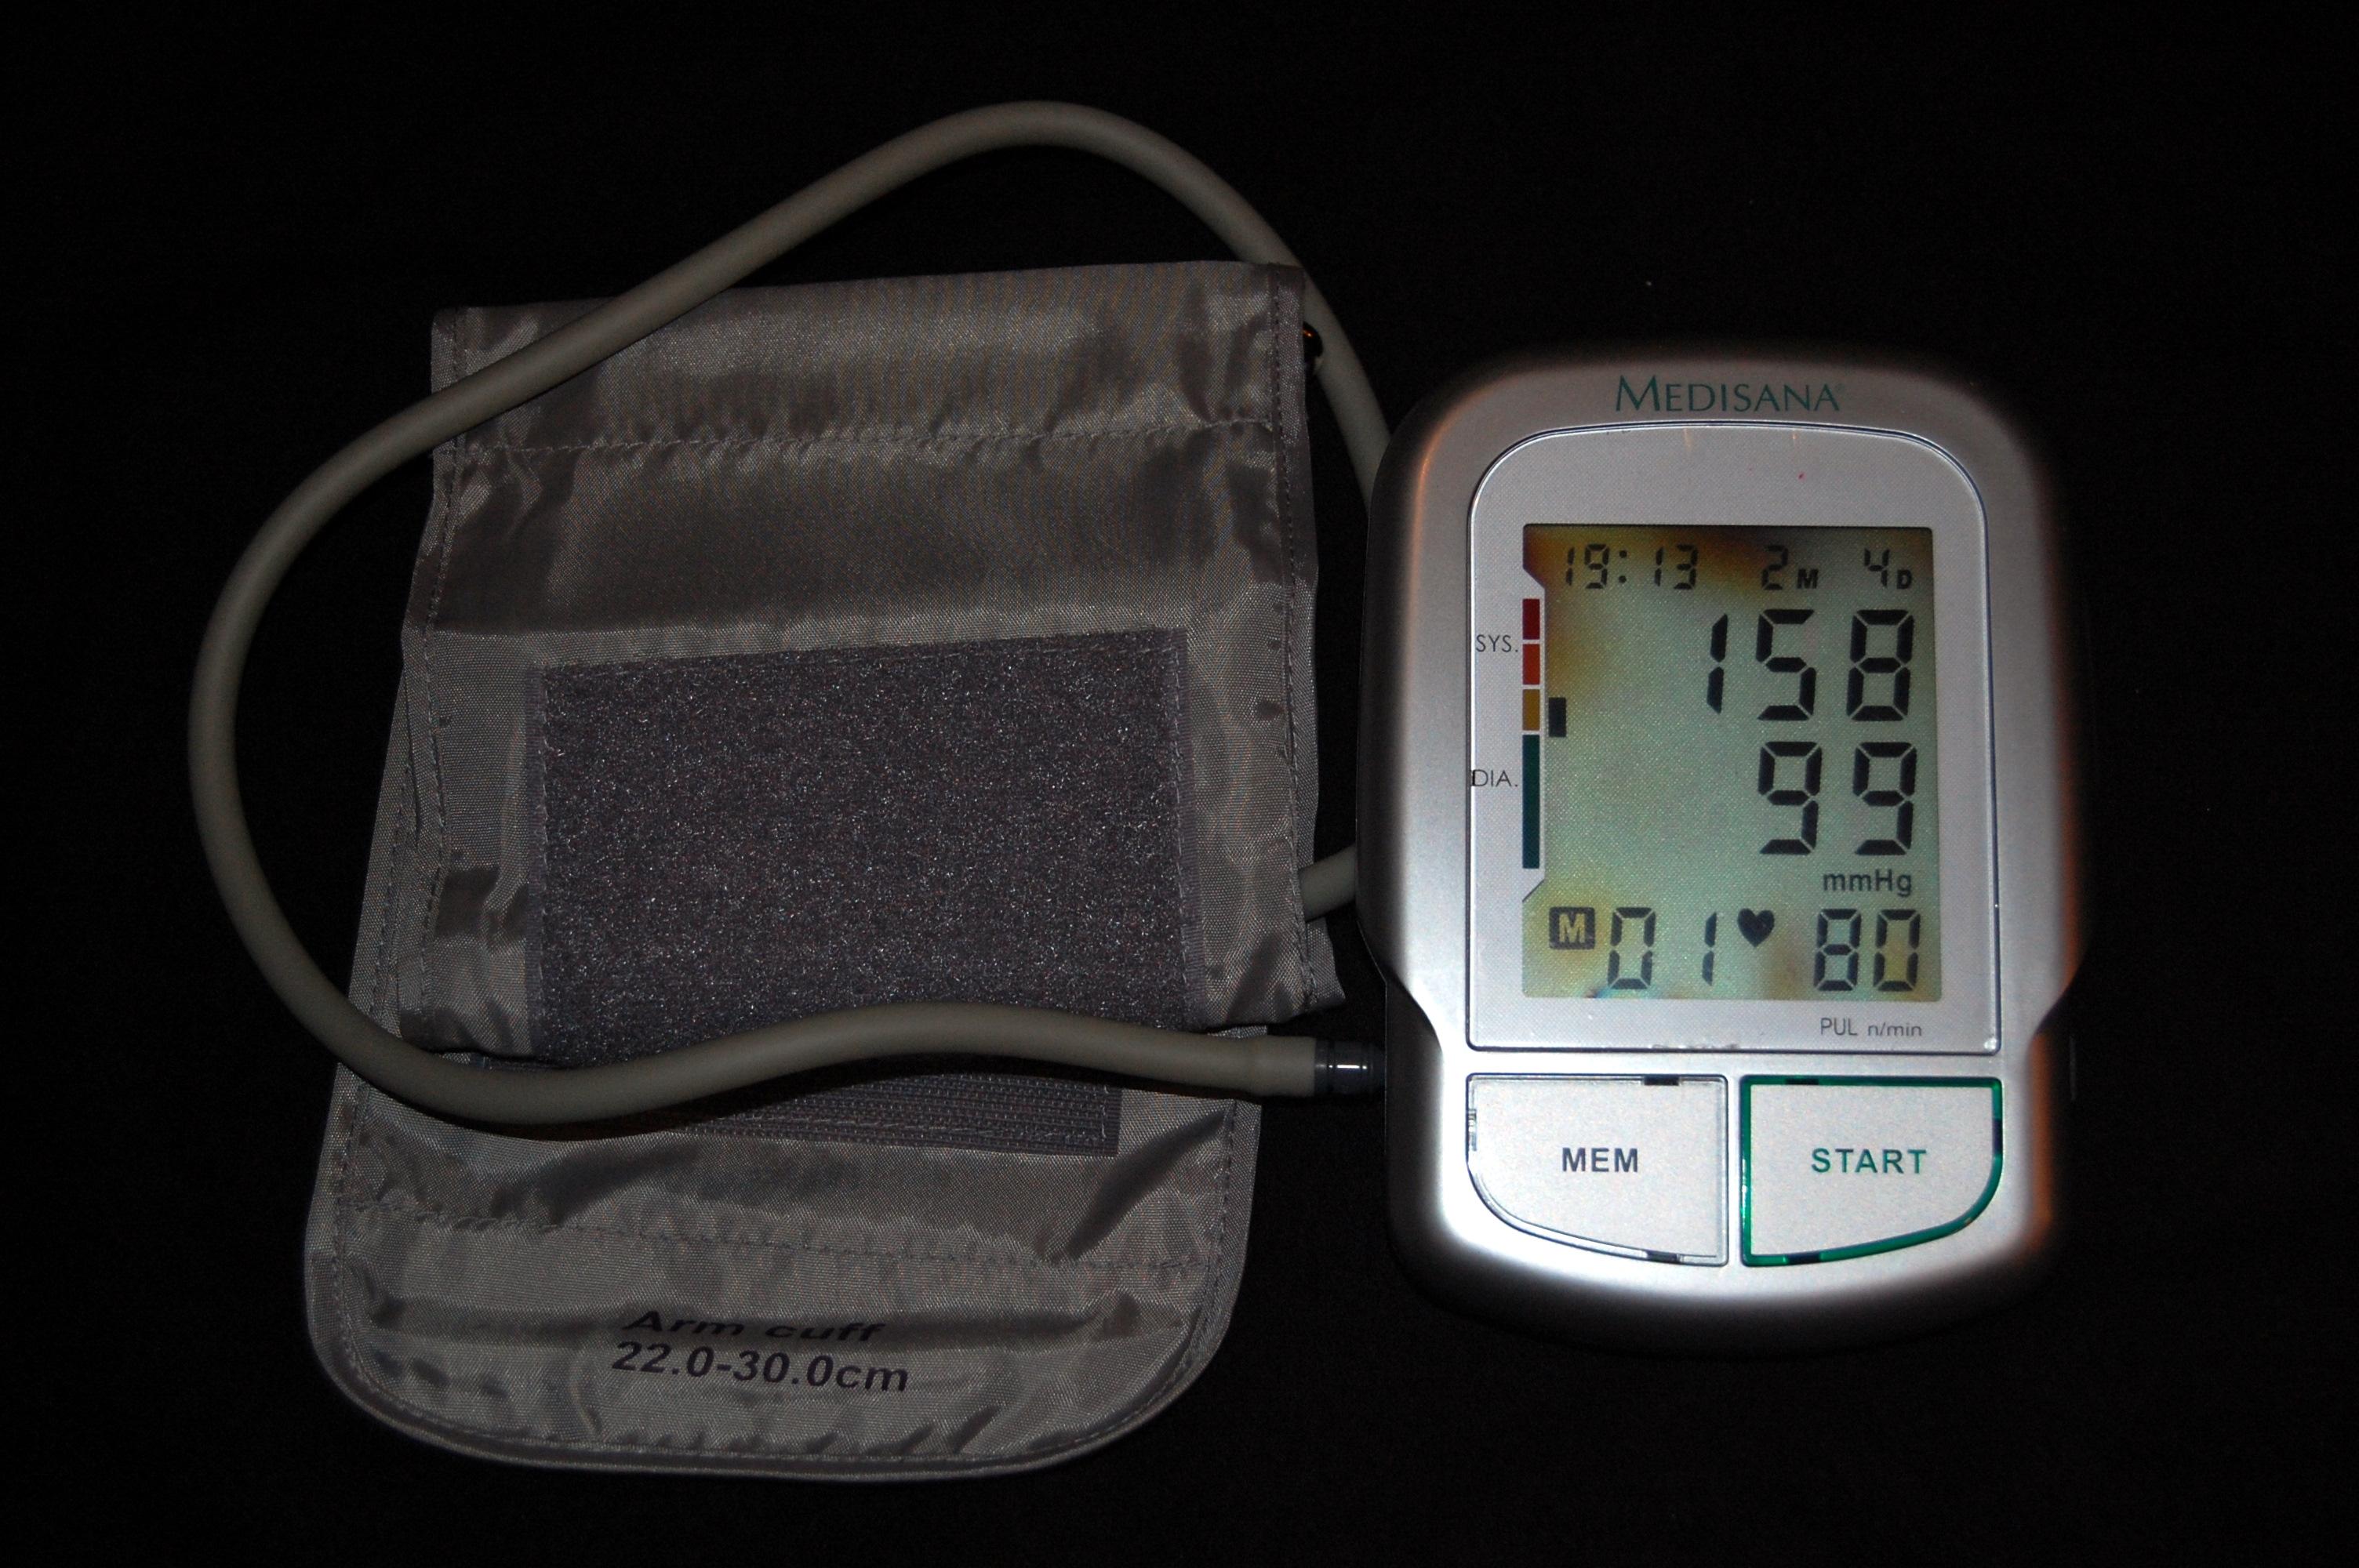 Visok krvni tlak (hipertenzija) - Stranica 4 - spaindiaholidays.com